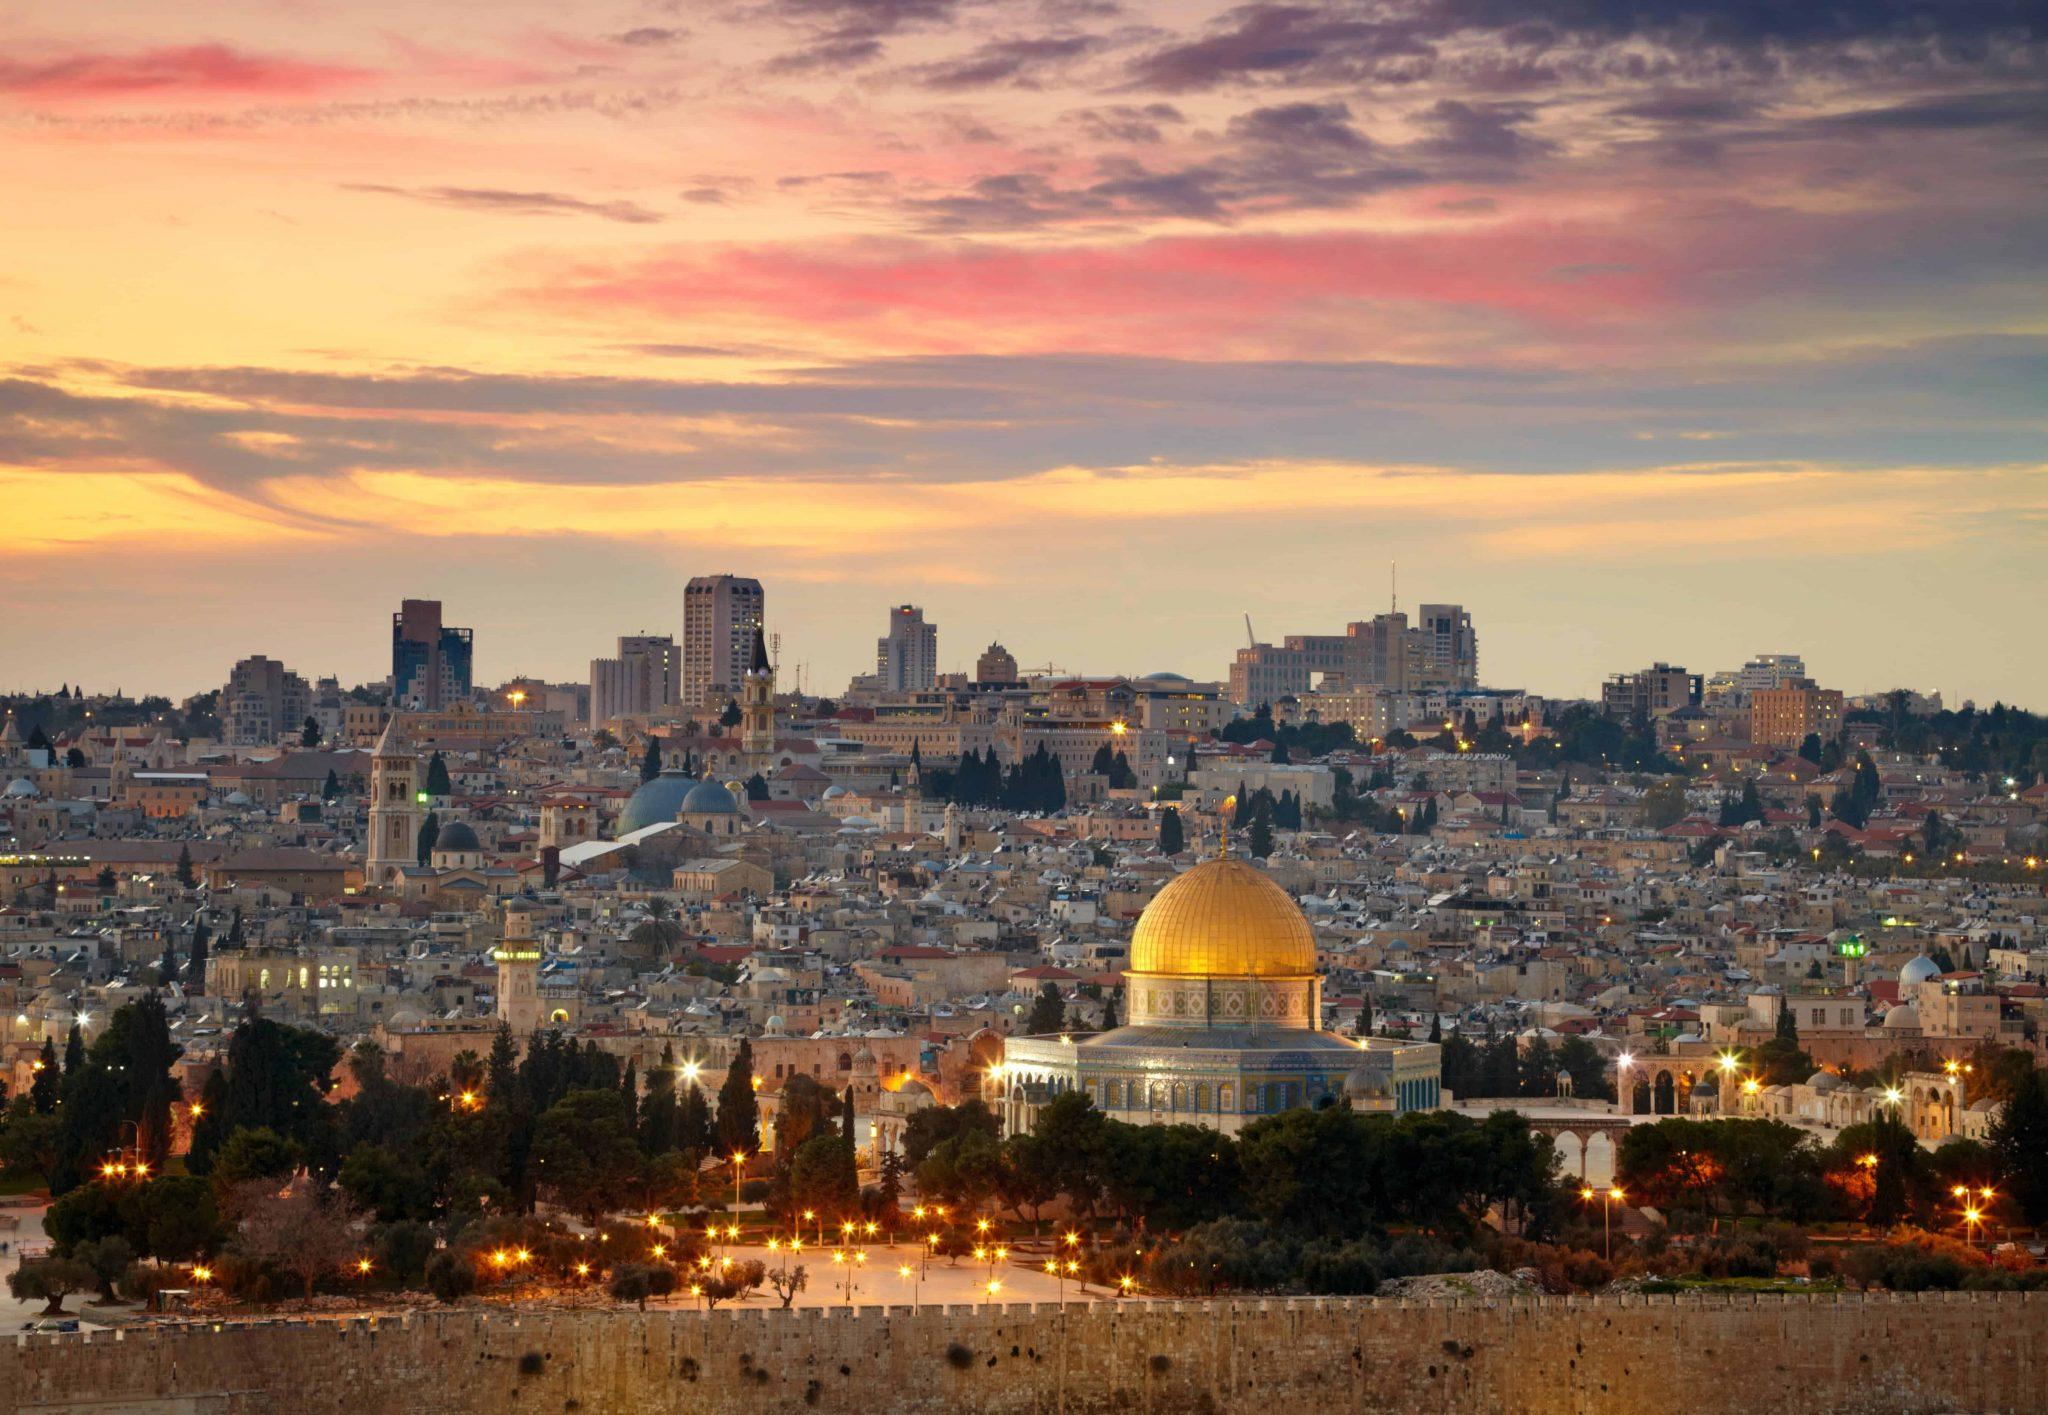 Pilgrimage to Jordan and Holy Land.